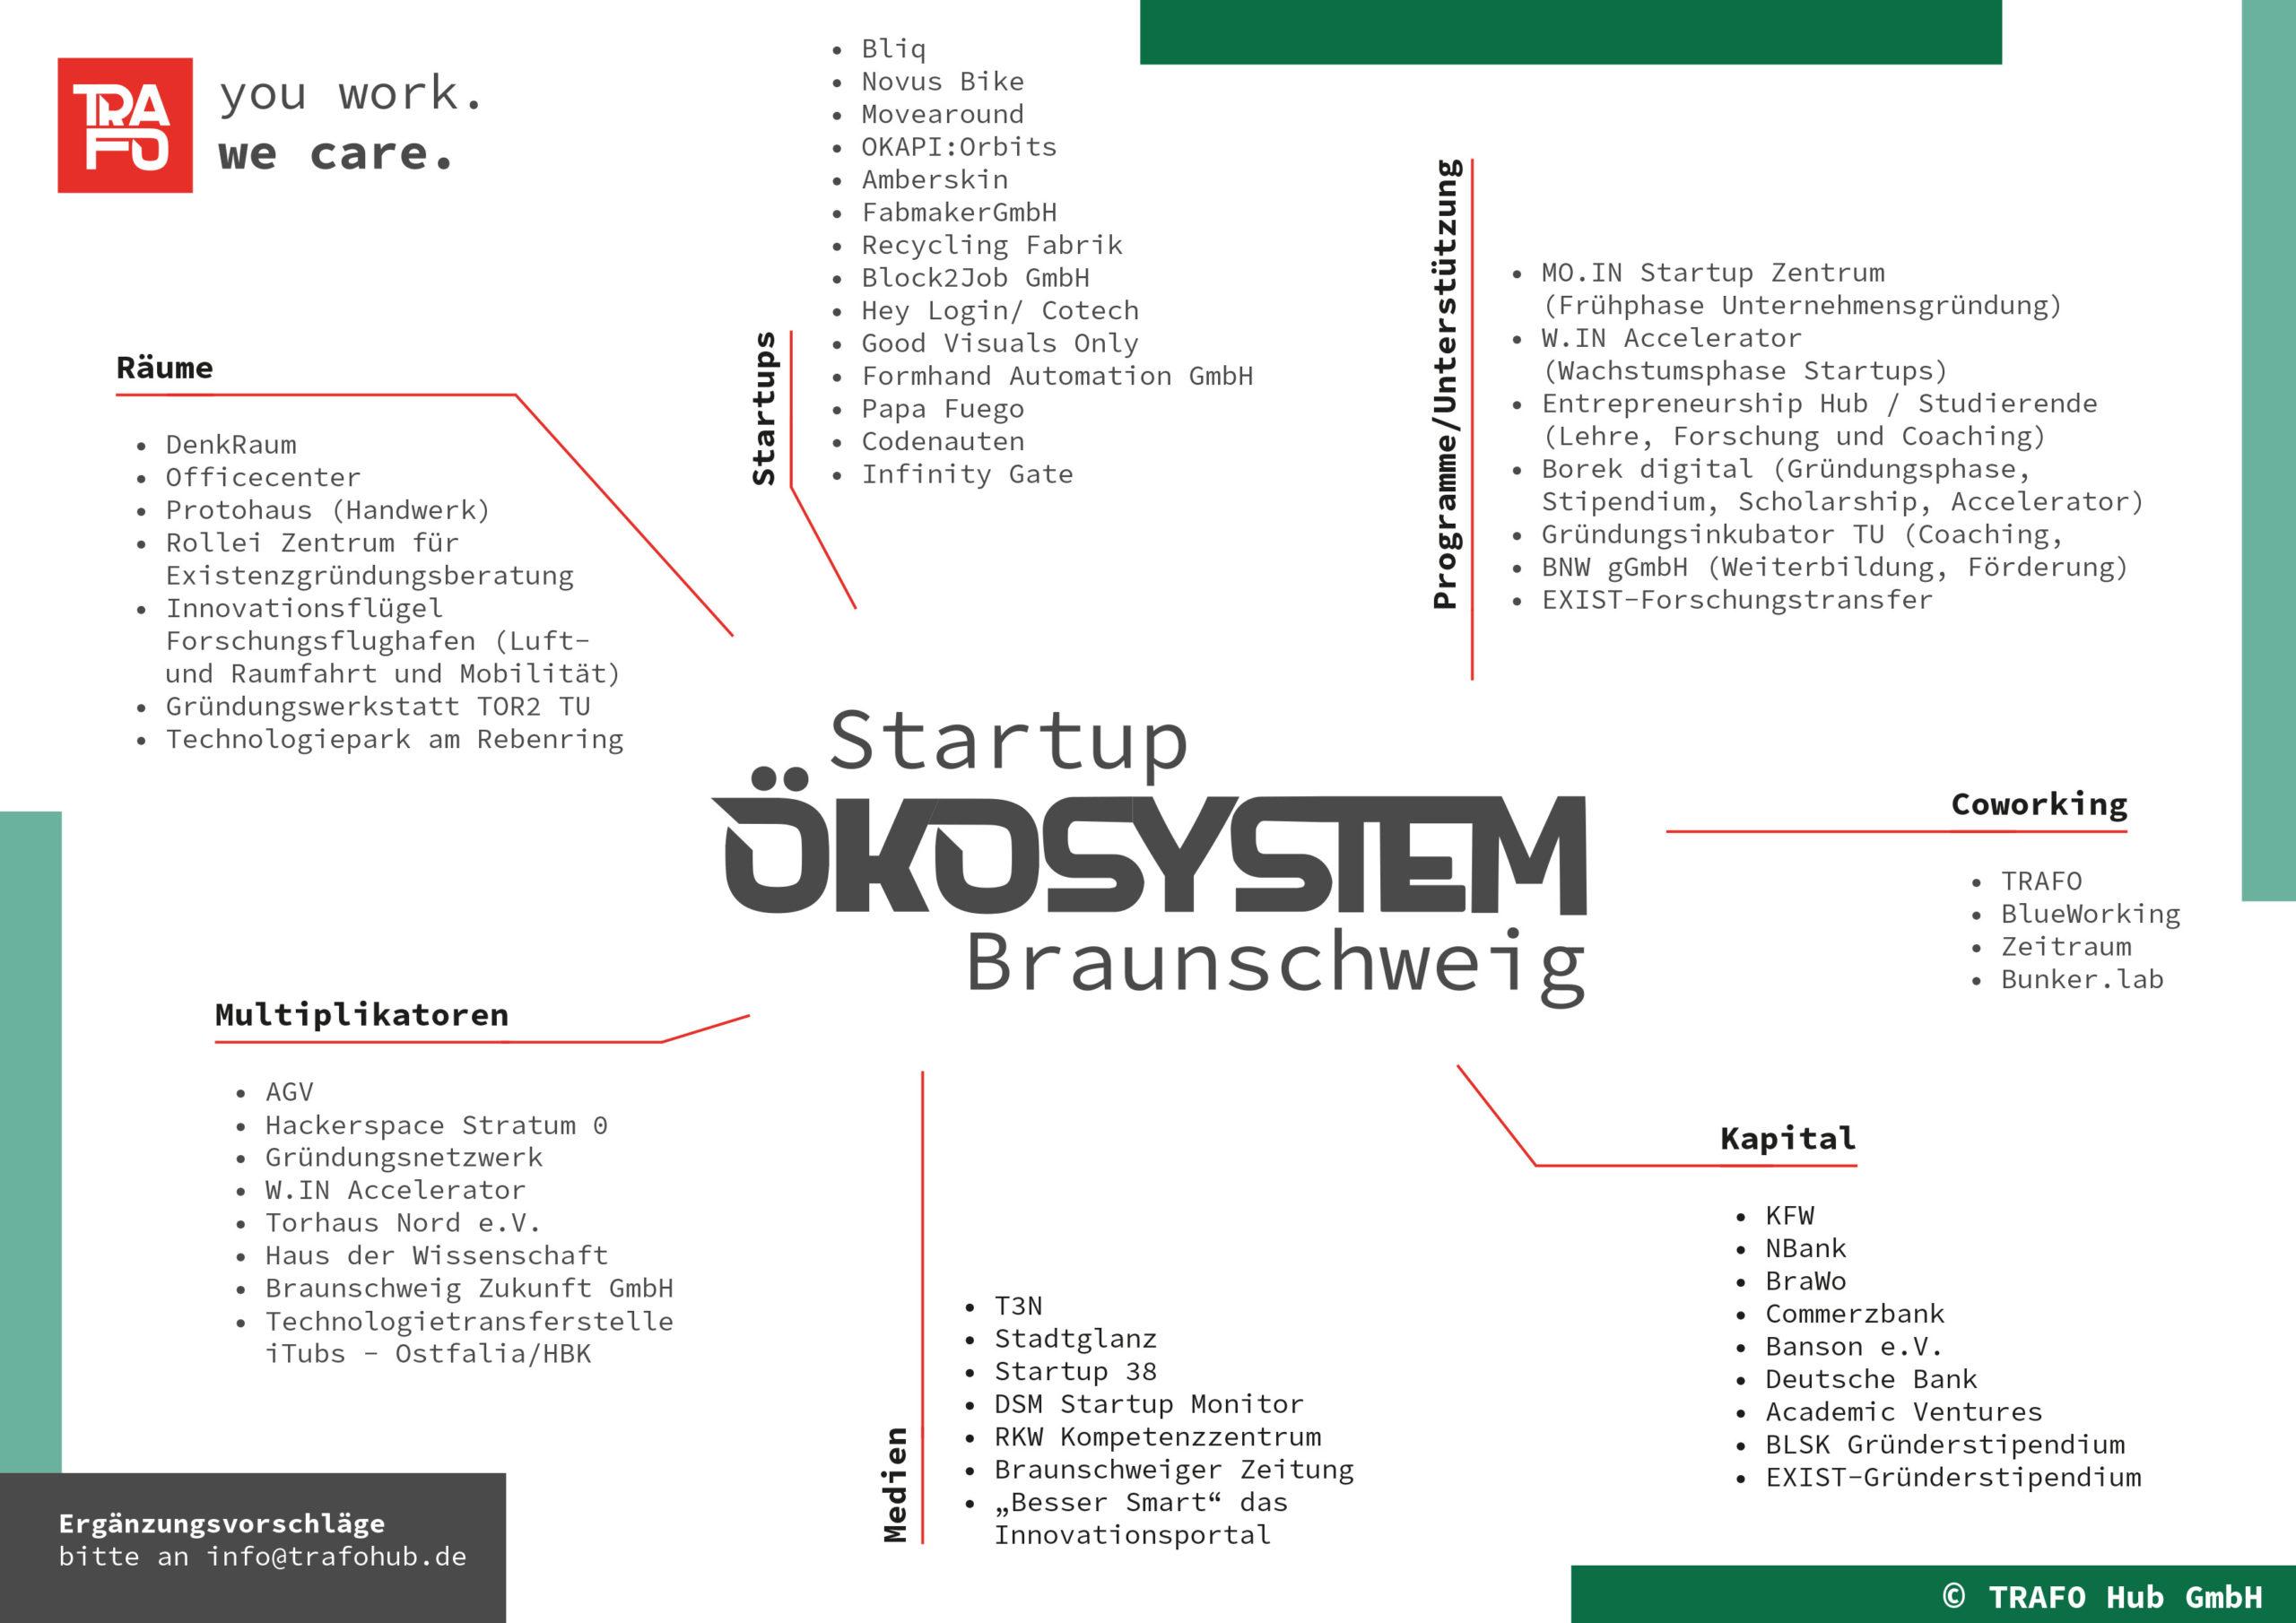 TRAFO-Ökosystem-Braunschweig